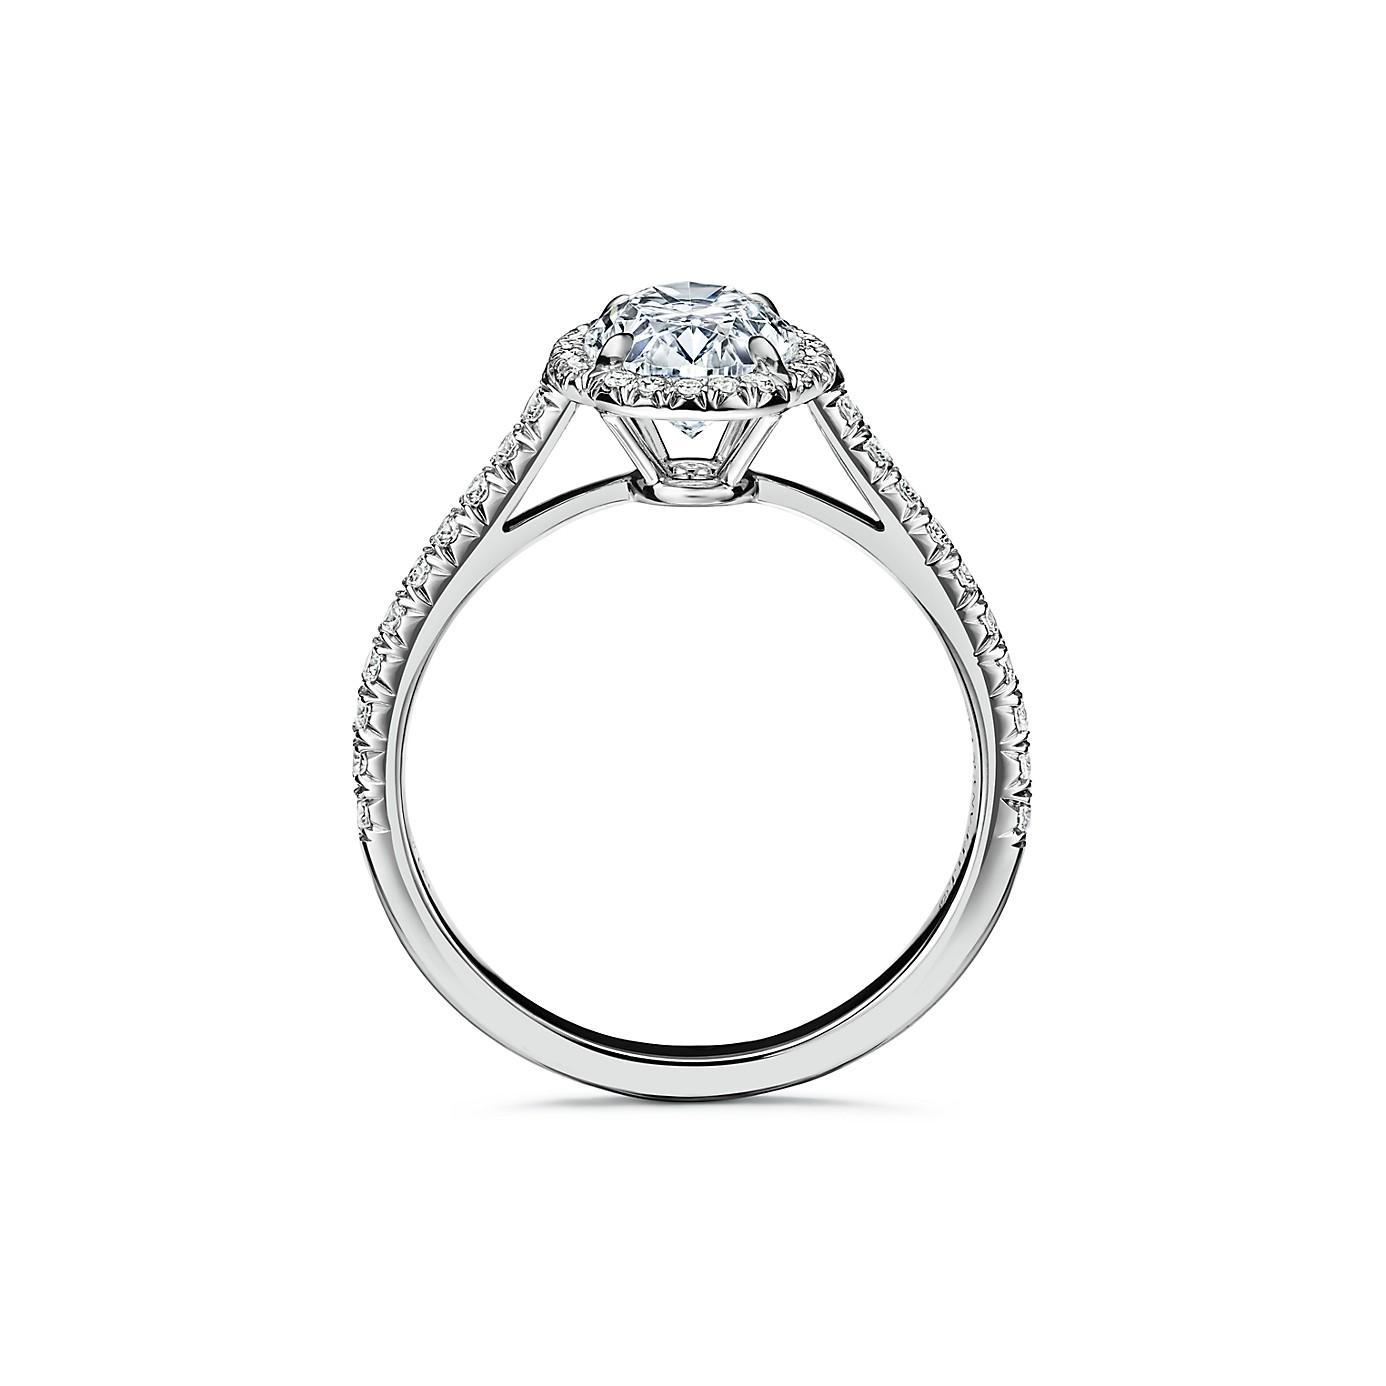 ティファニー ソレスト オーバル カット ダイヤモンド エンゲージメント リング(2)―Tiffany & Co.(ティファニー)